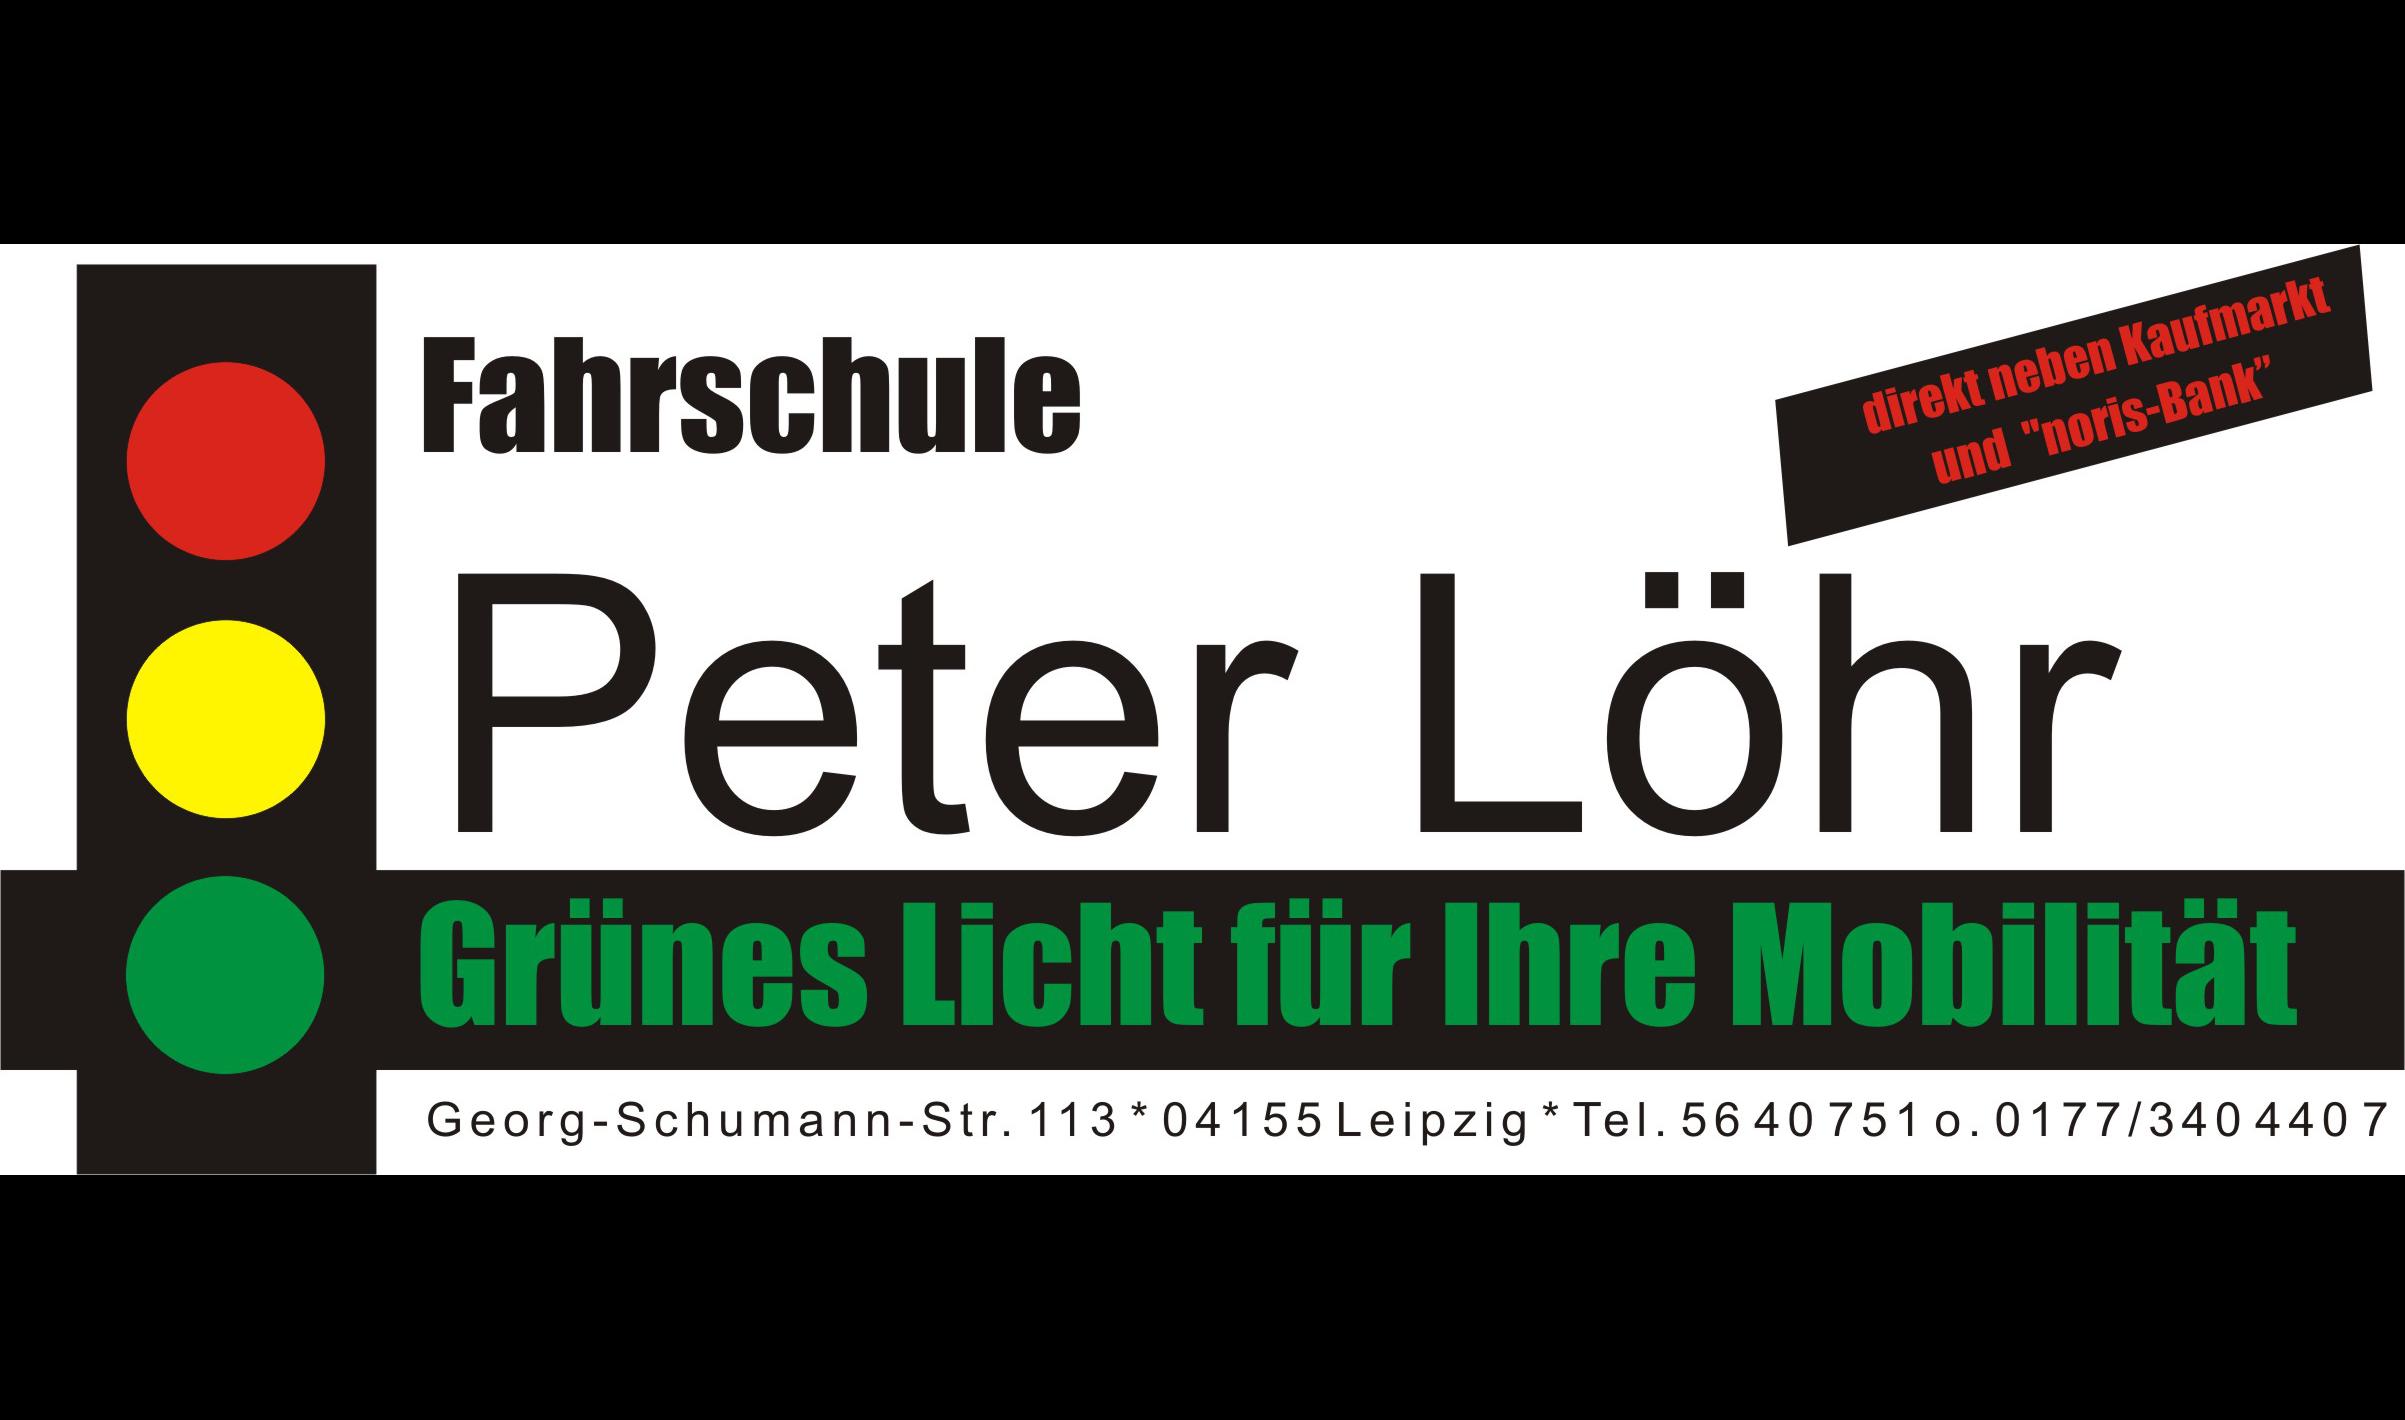 Fahrschule Peter Löhr